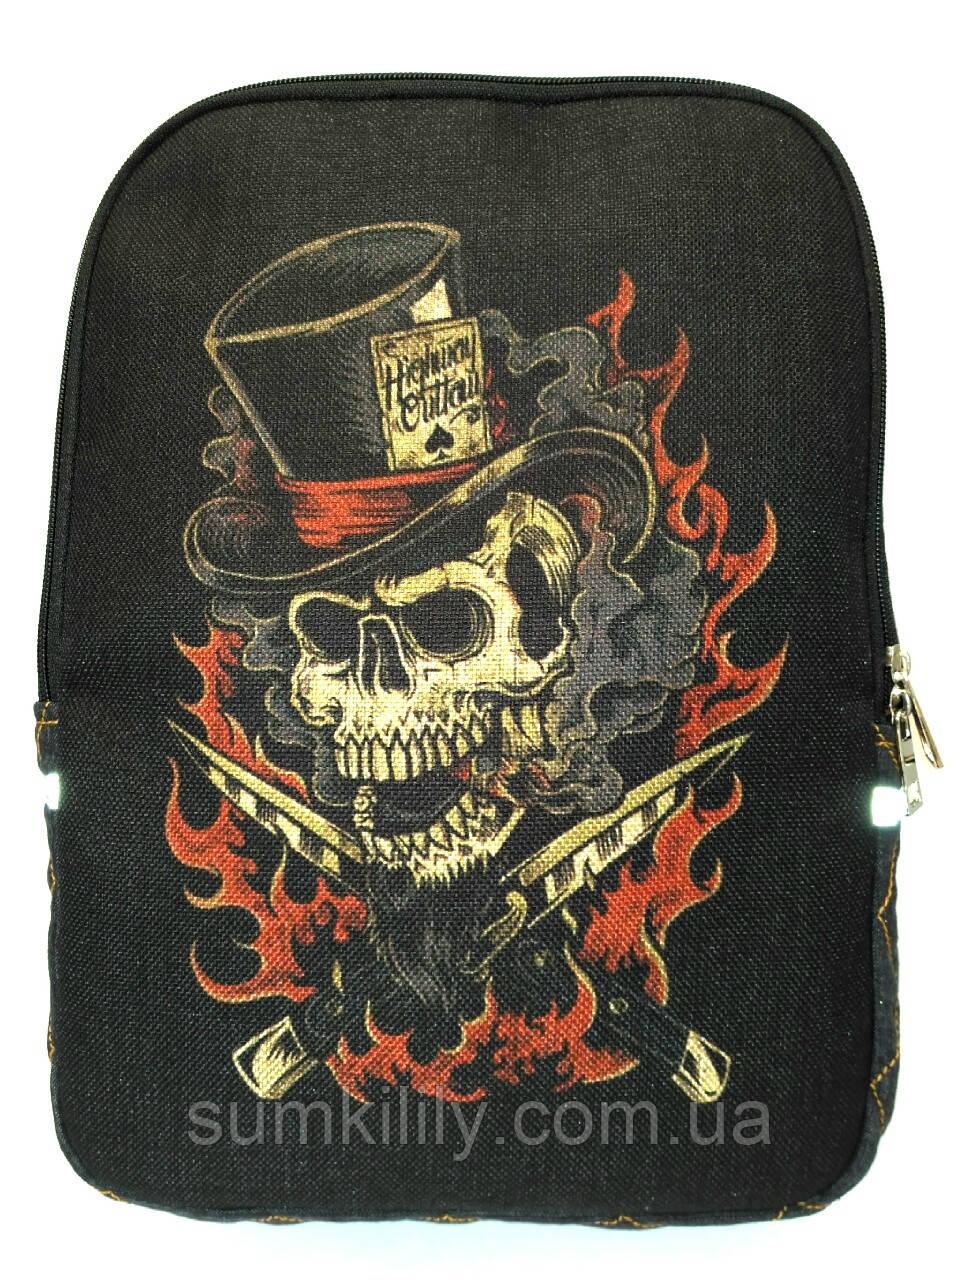 Джинсовый рюкзак Череп 4